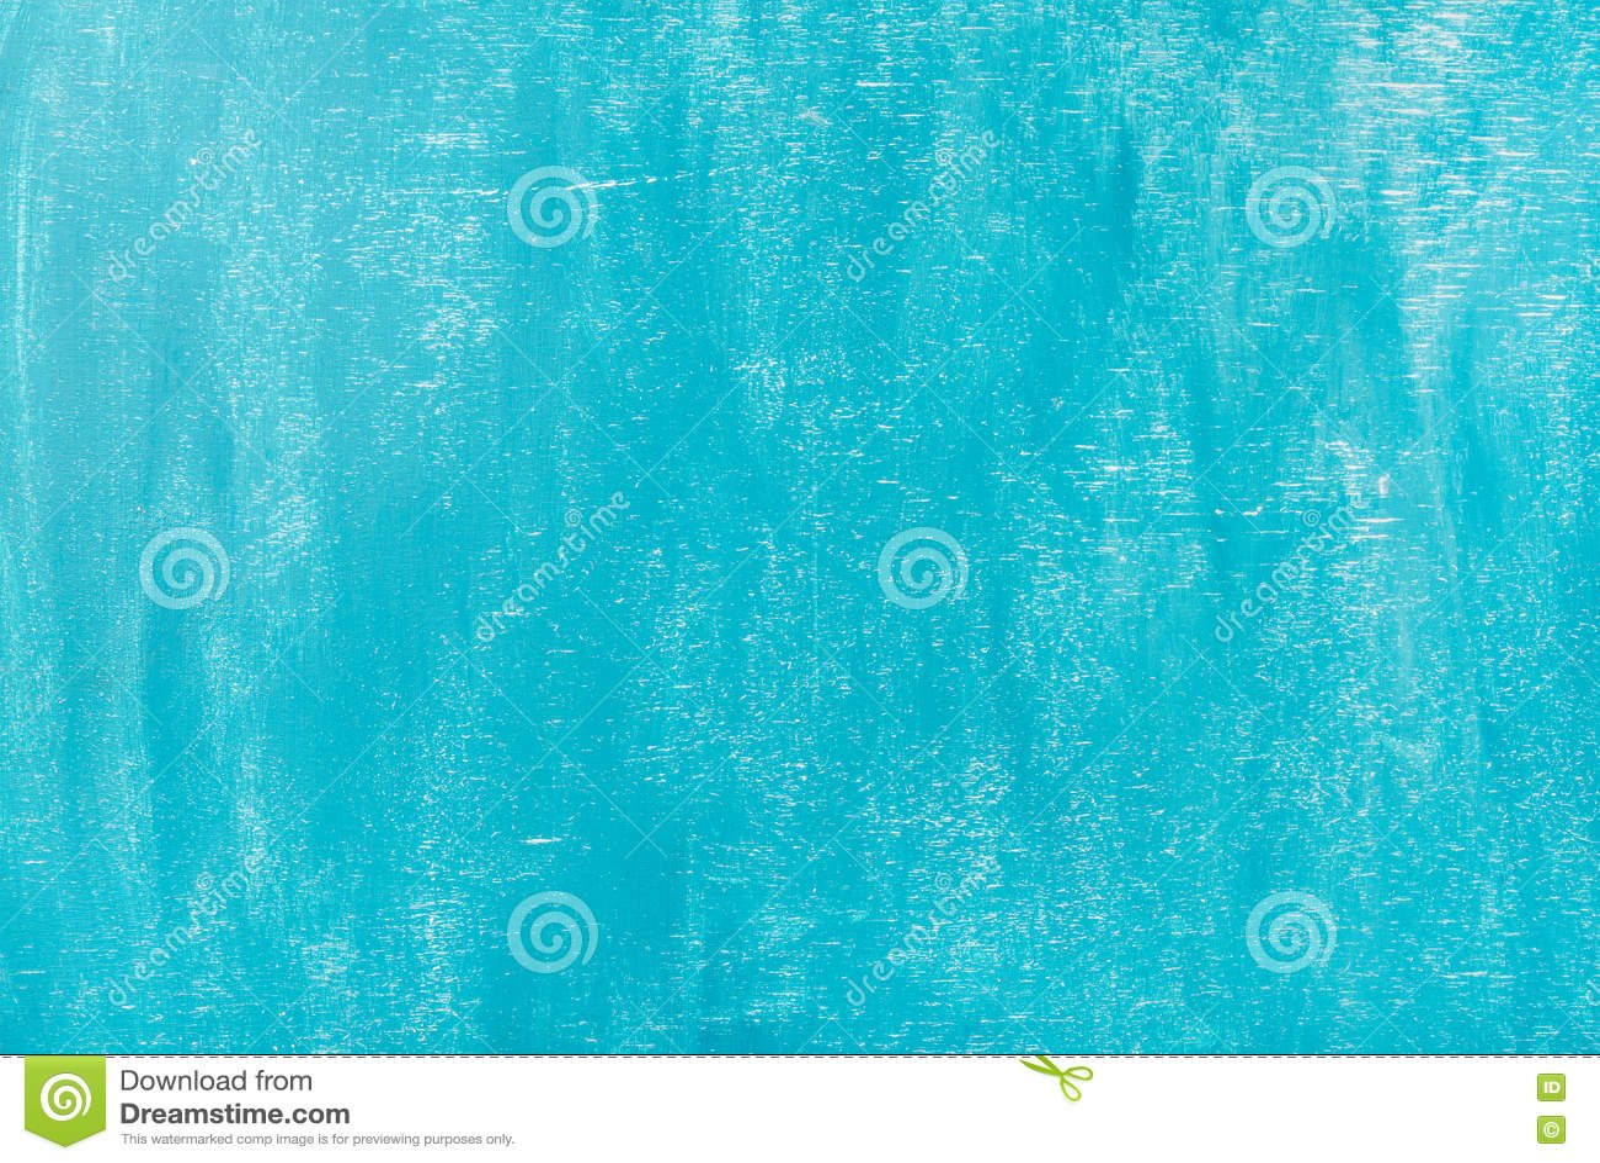 Inredning måla på gammal tapet : Ljusa BlÃ¥tt MÃ¥lad Gammal Kryssfanertextur, Bakgrund Eller Tapet ...